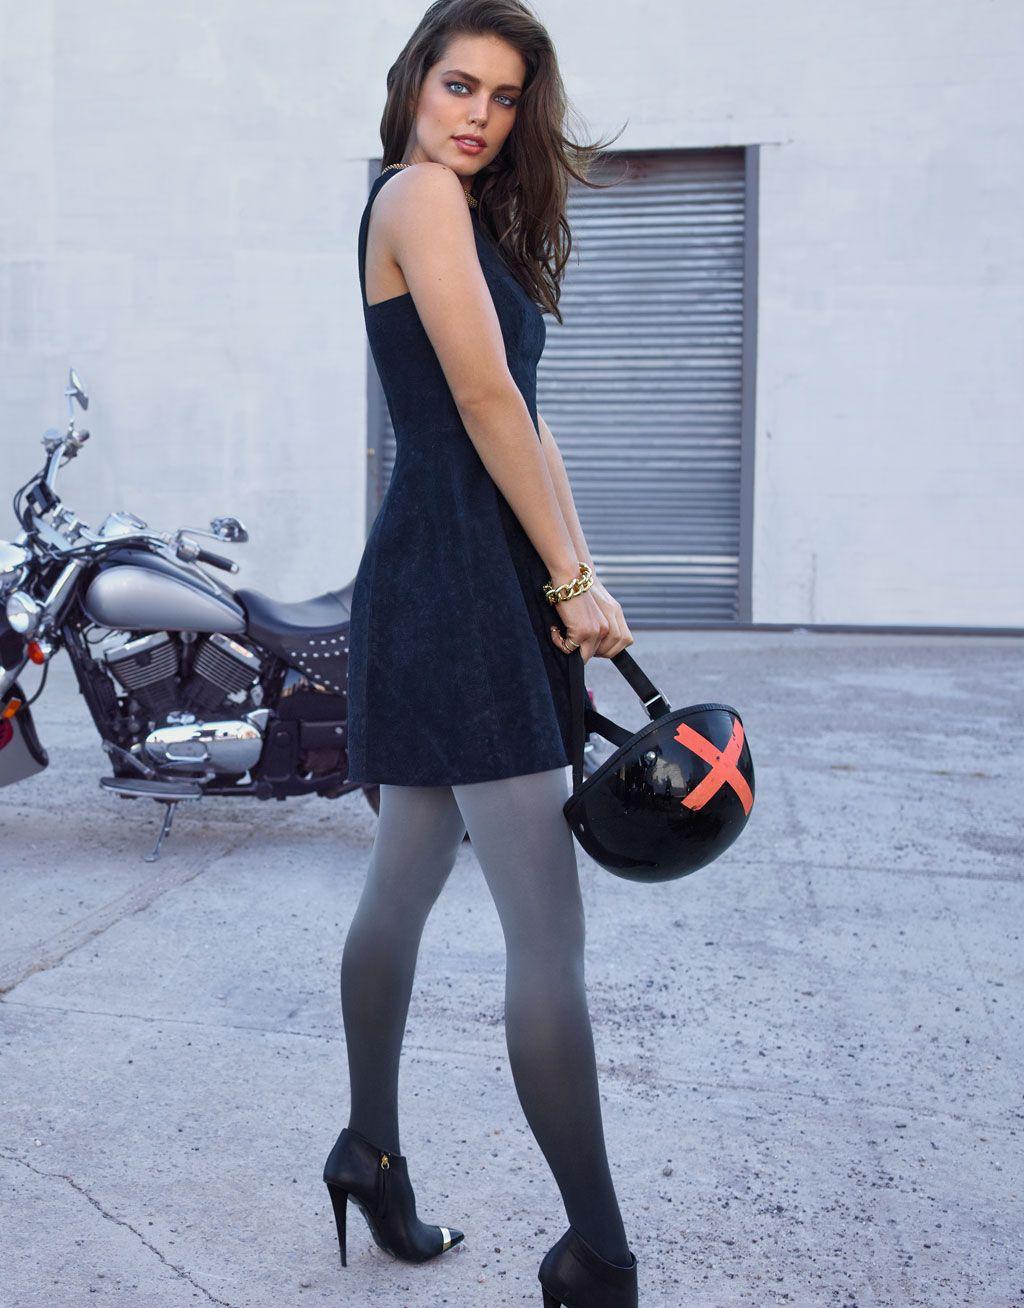 Emily DiDonato / Calze Donna, Collant e Leggings alla Moda - CALZEDONIA